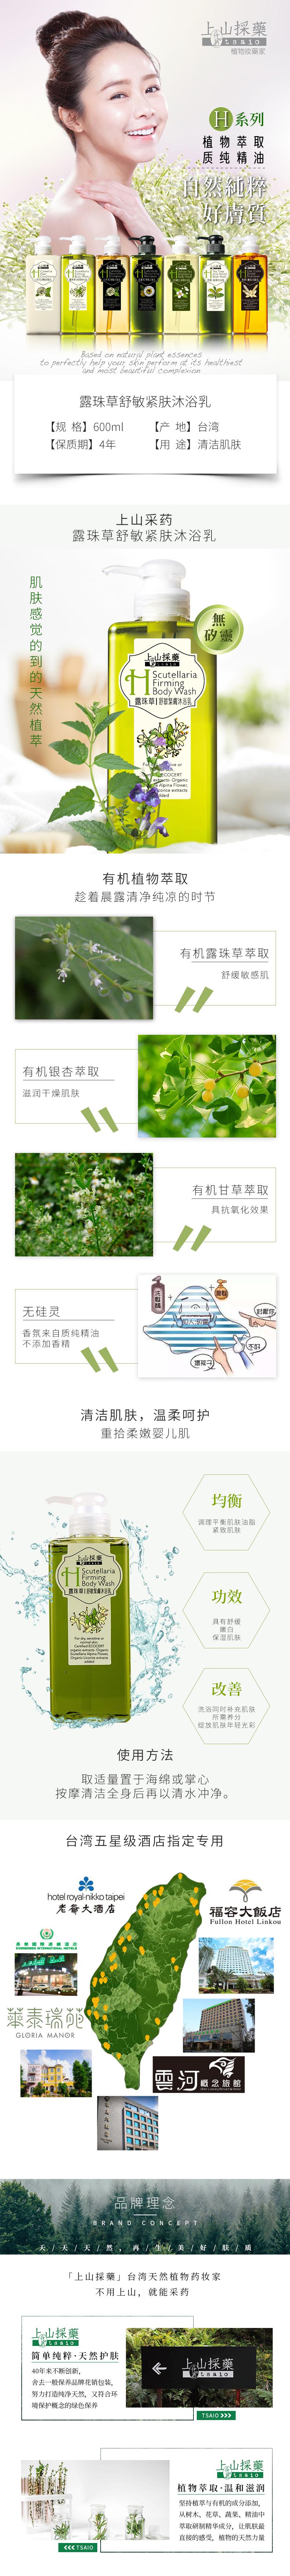 露珠草.jpg